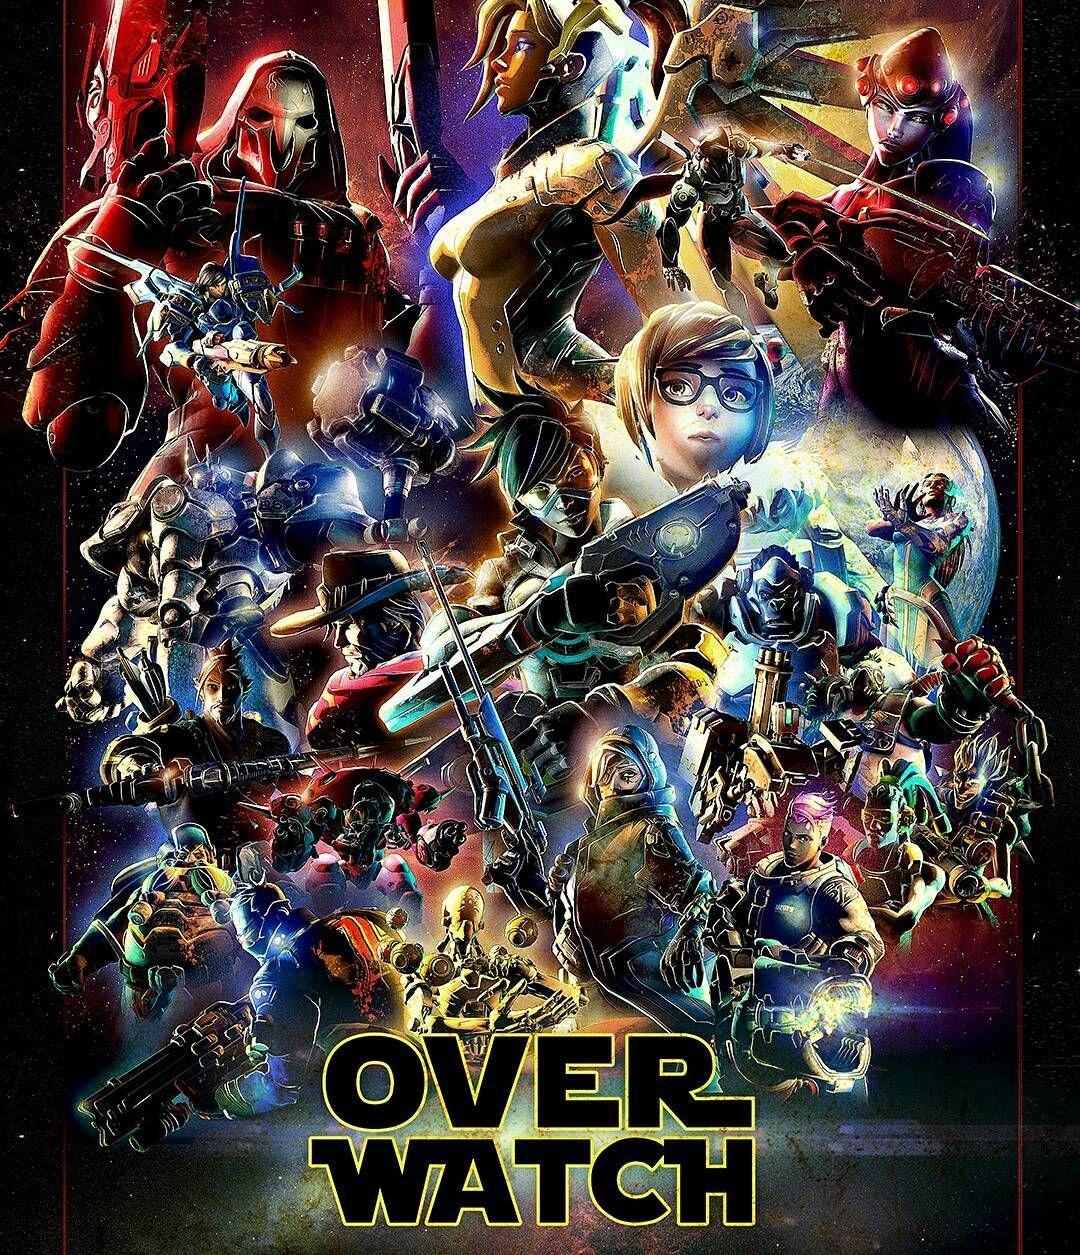 Overwatch X Star Wars #OverWatch #StarWars #Playstation4